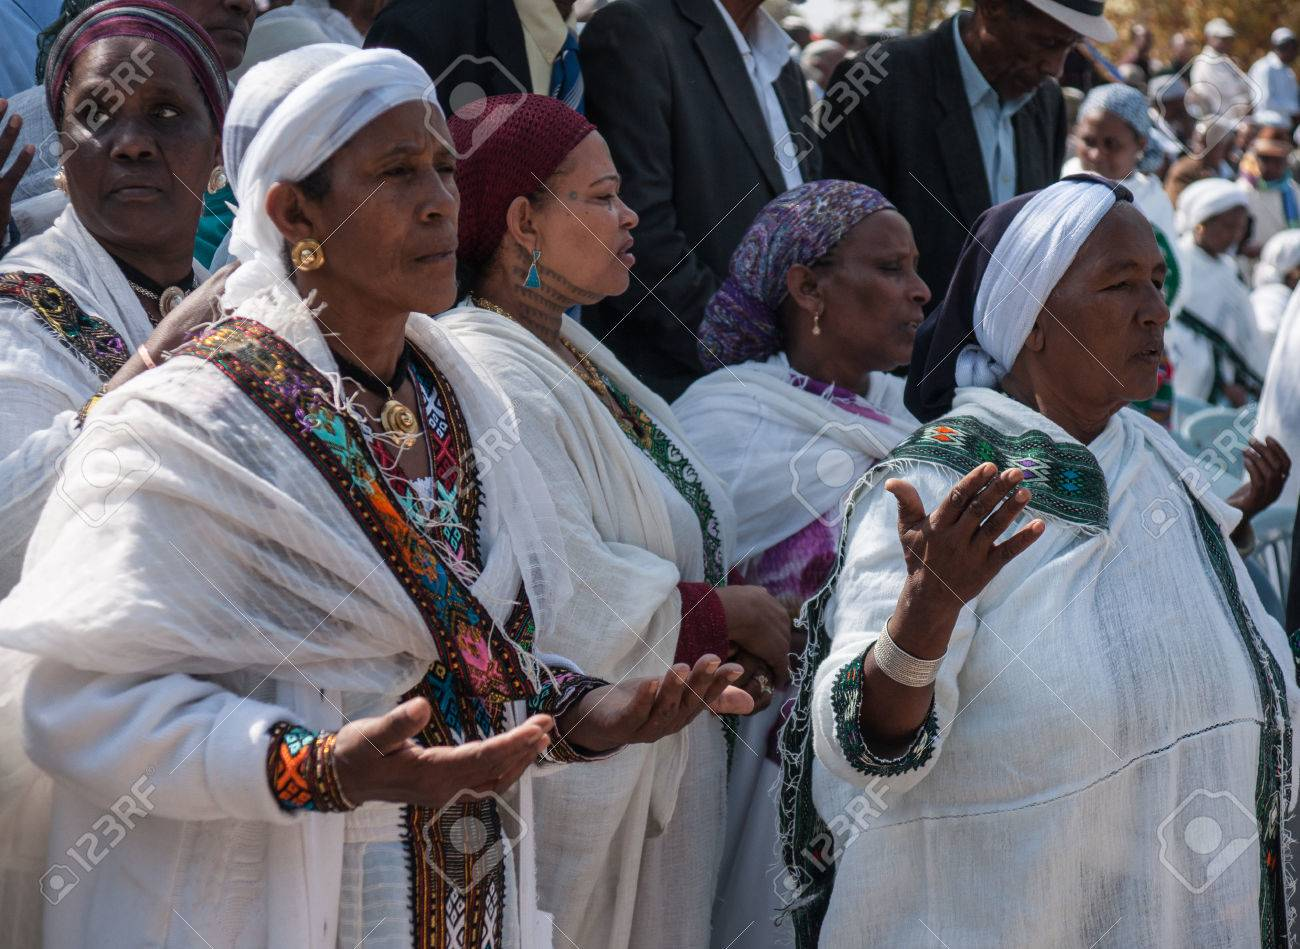 宗教 エチオピア 世界一ウザい国、エチオピアは本当にウザい!? 独自の伝統や文化が根強く残る国「エチオピア」は見所満載!!|トリドリ